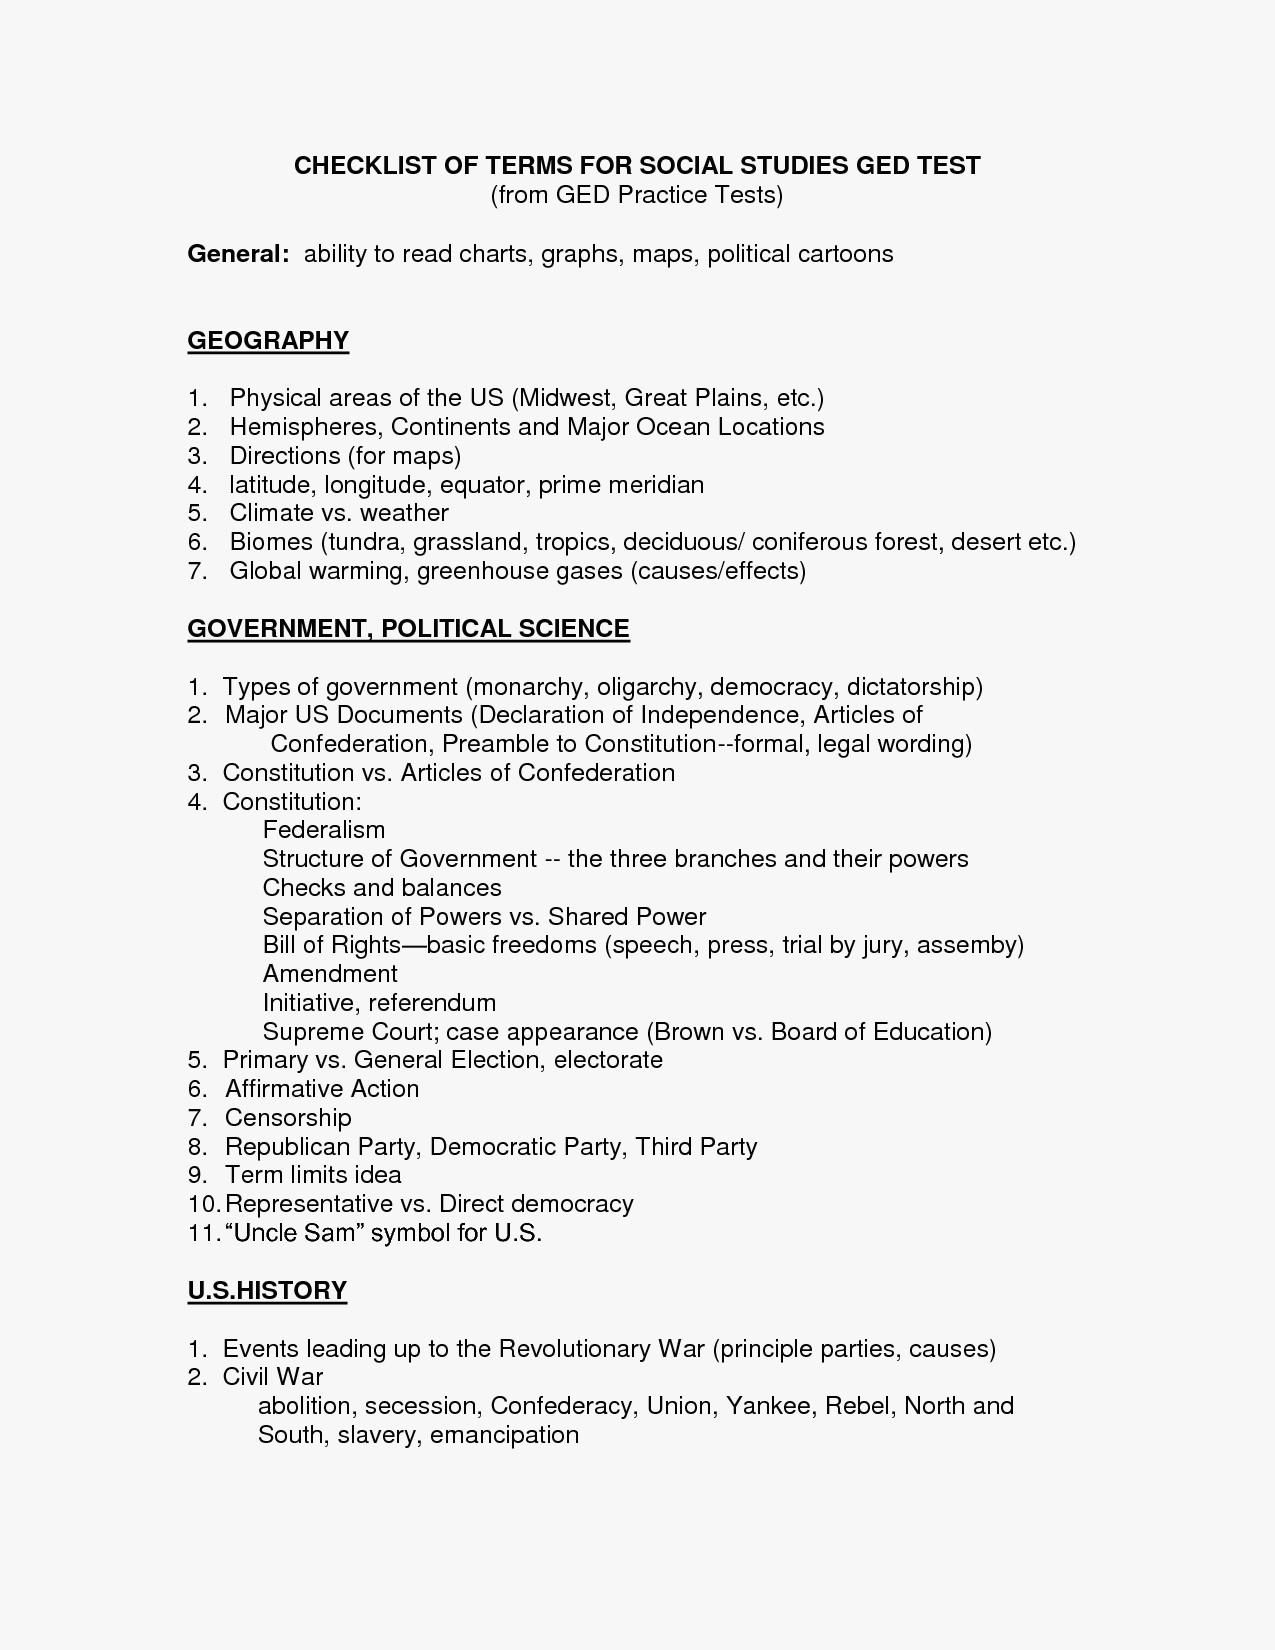 020 Ged Practice Test Printable Worksheets